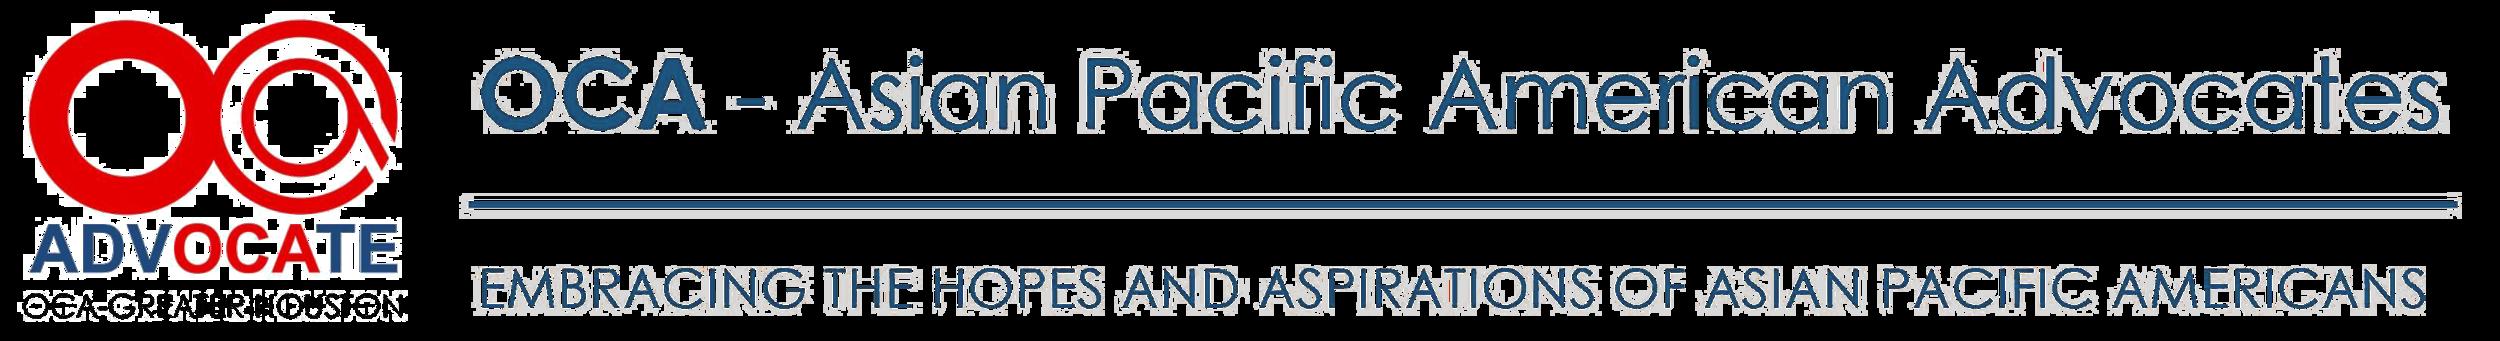 OCA-GH wide logo (3300x450).png